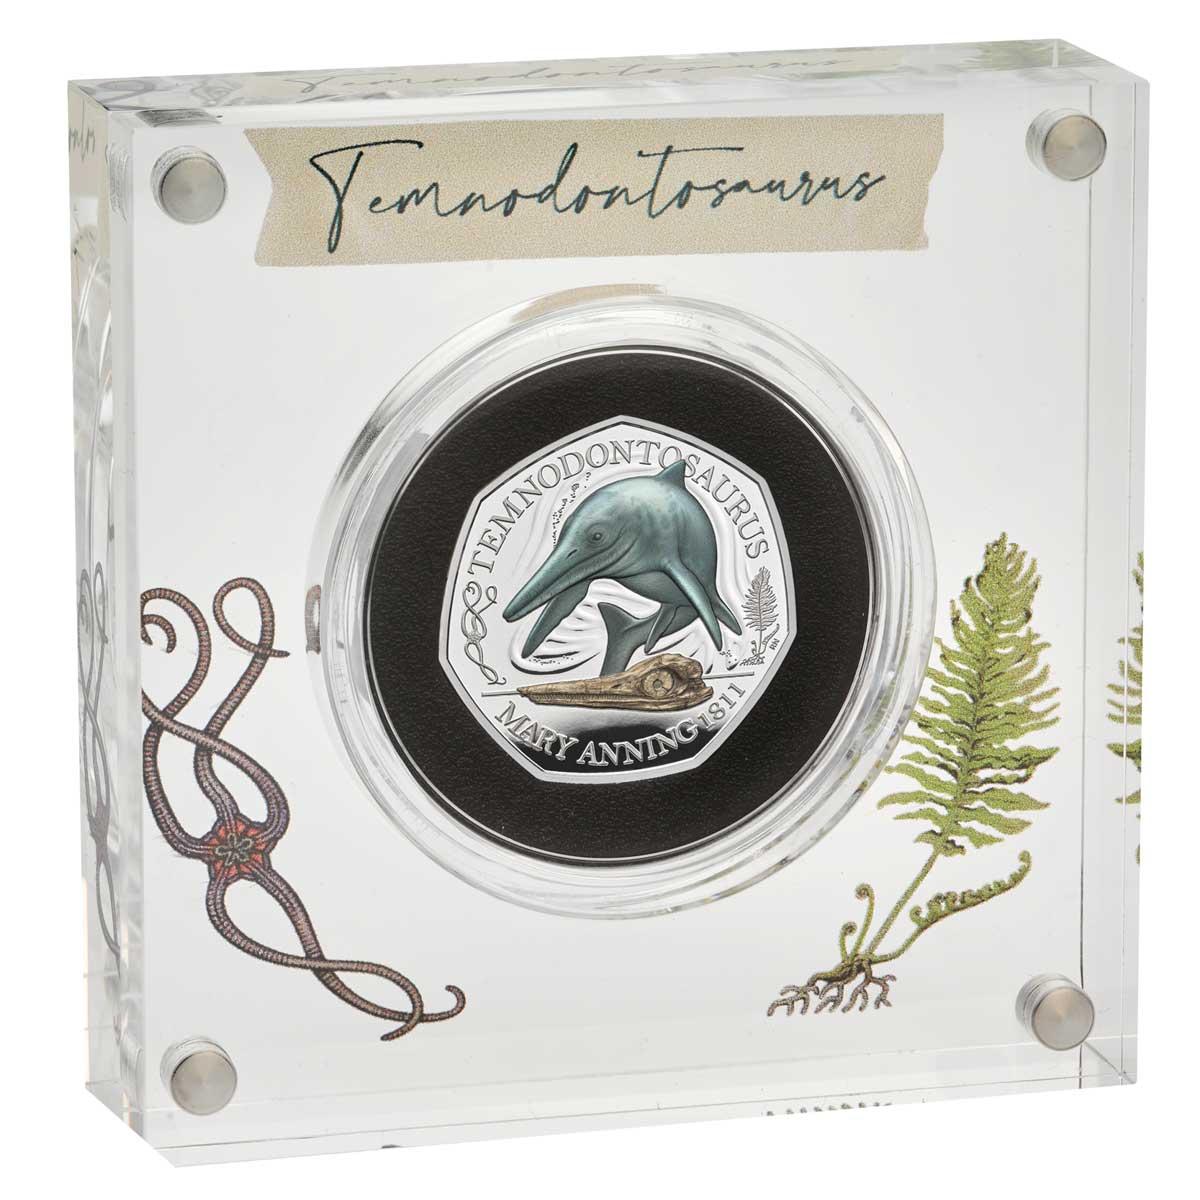 Великобритания монета 50 пенсов Темнодонтозавр, серебро + цвет, подарочная упаковка